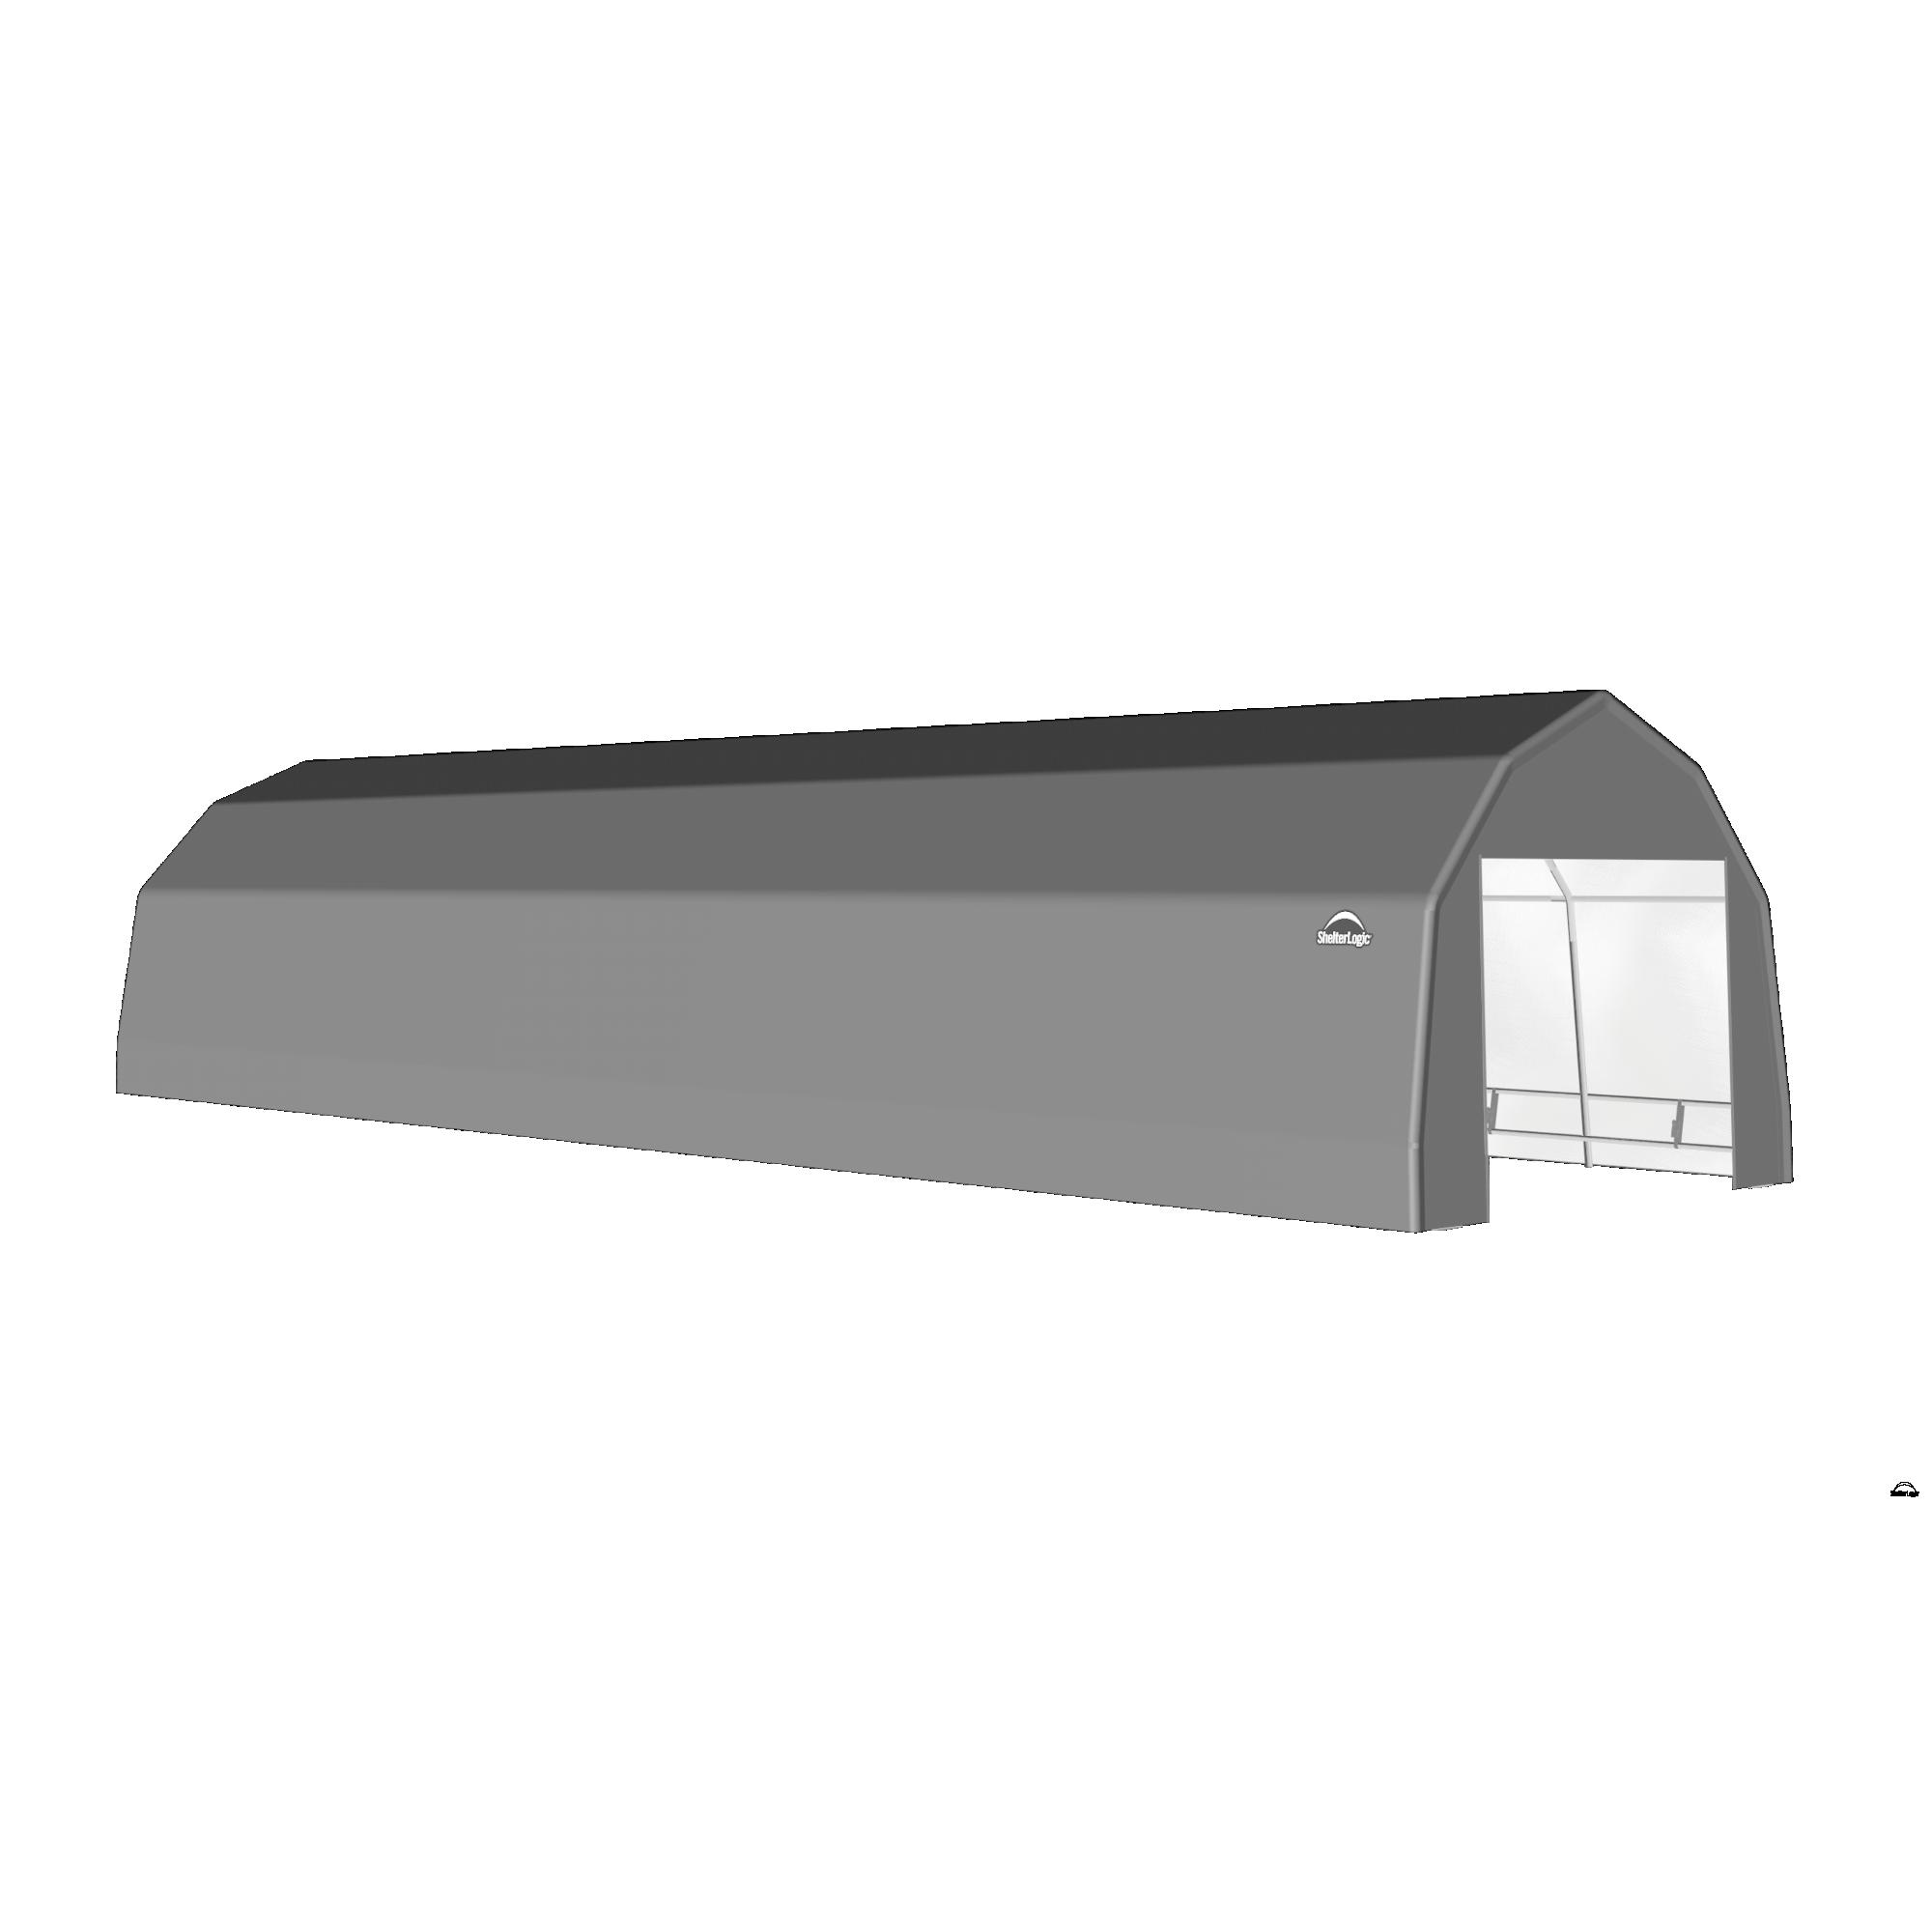 SP Barn 12X40X9 Gray 14 oz PE Shelter